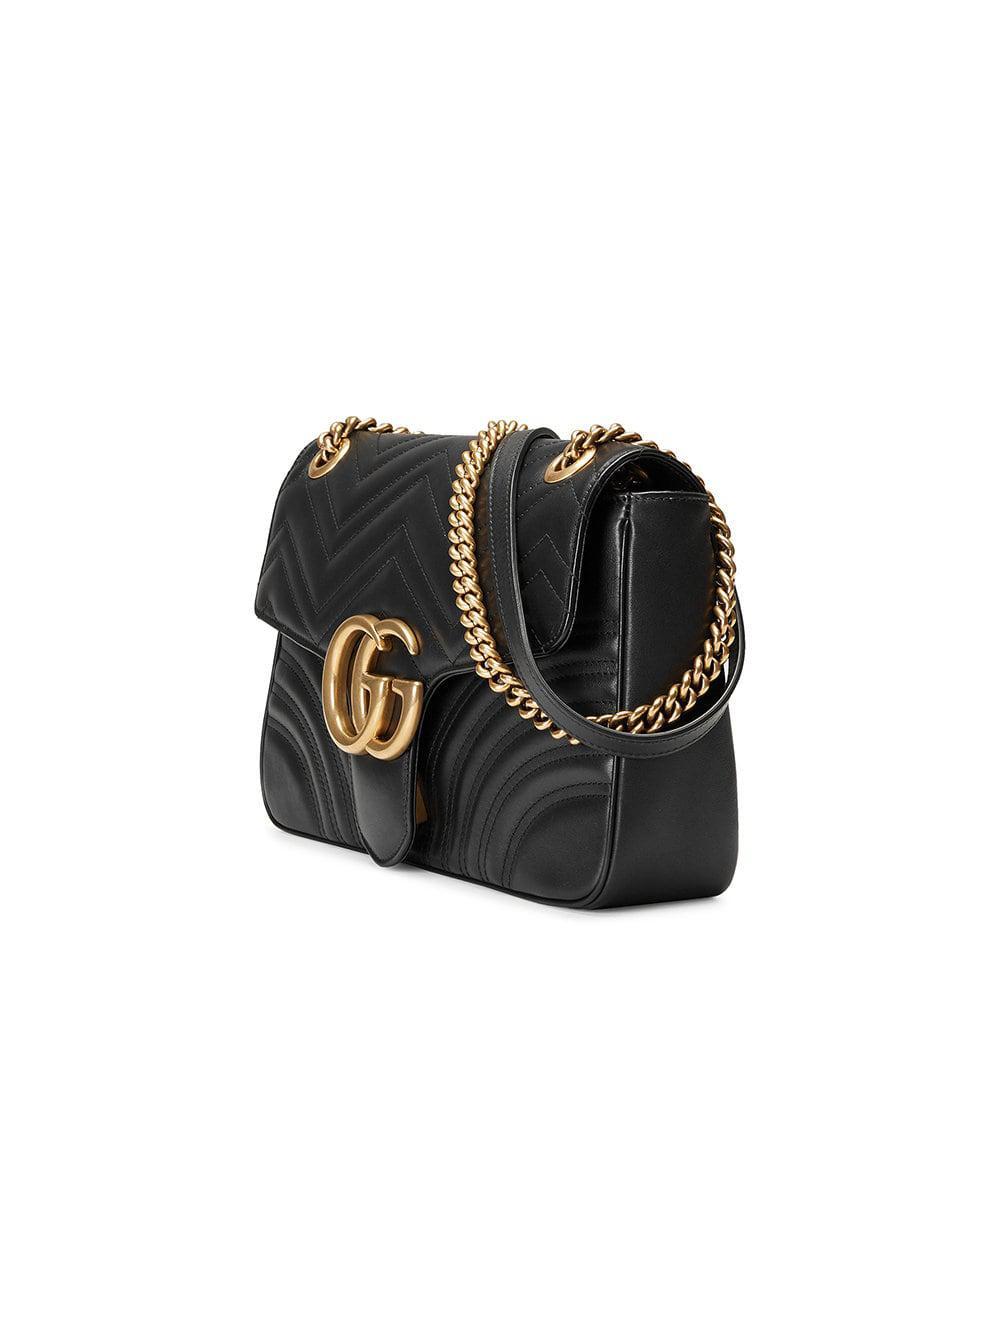 5db80843f713 Gucci - Black Gg Marmont Medium Matelassé Shoulder Bag - Lyst. View  fullscreen